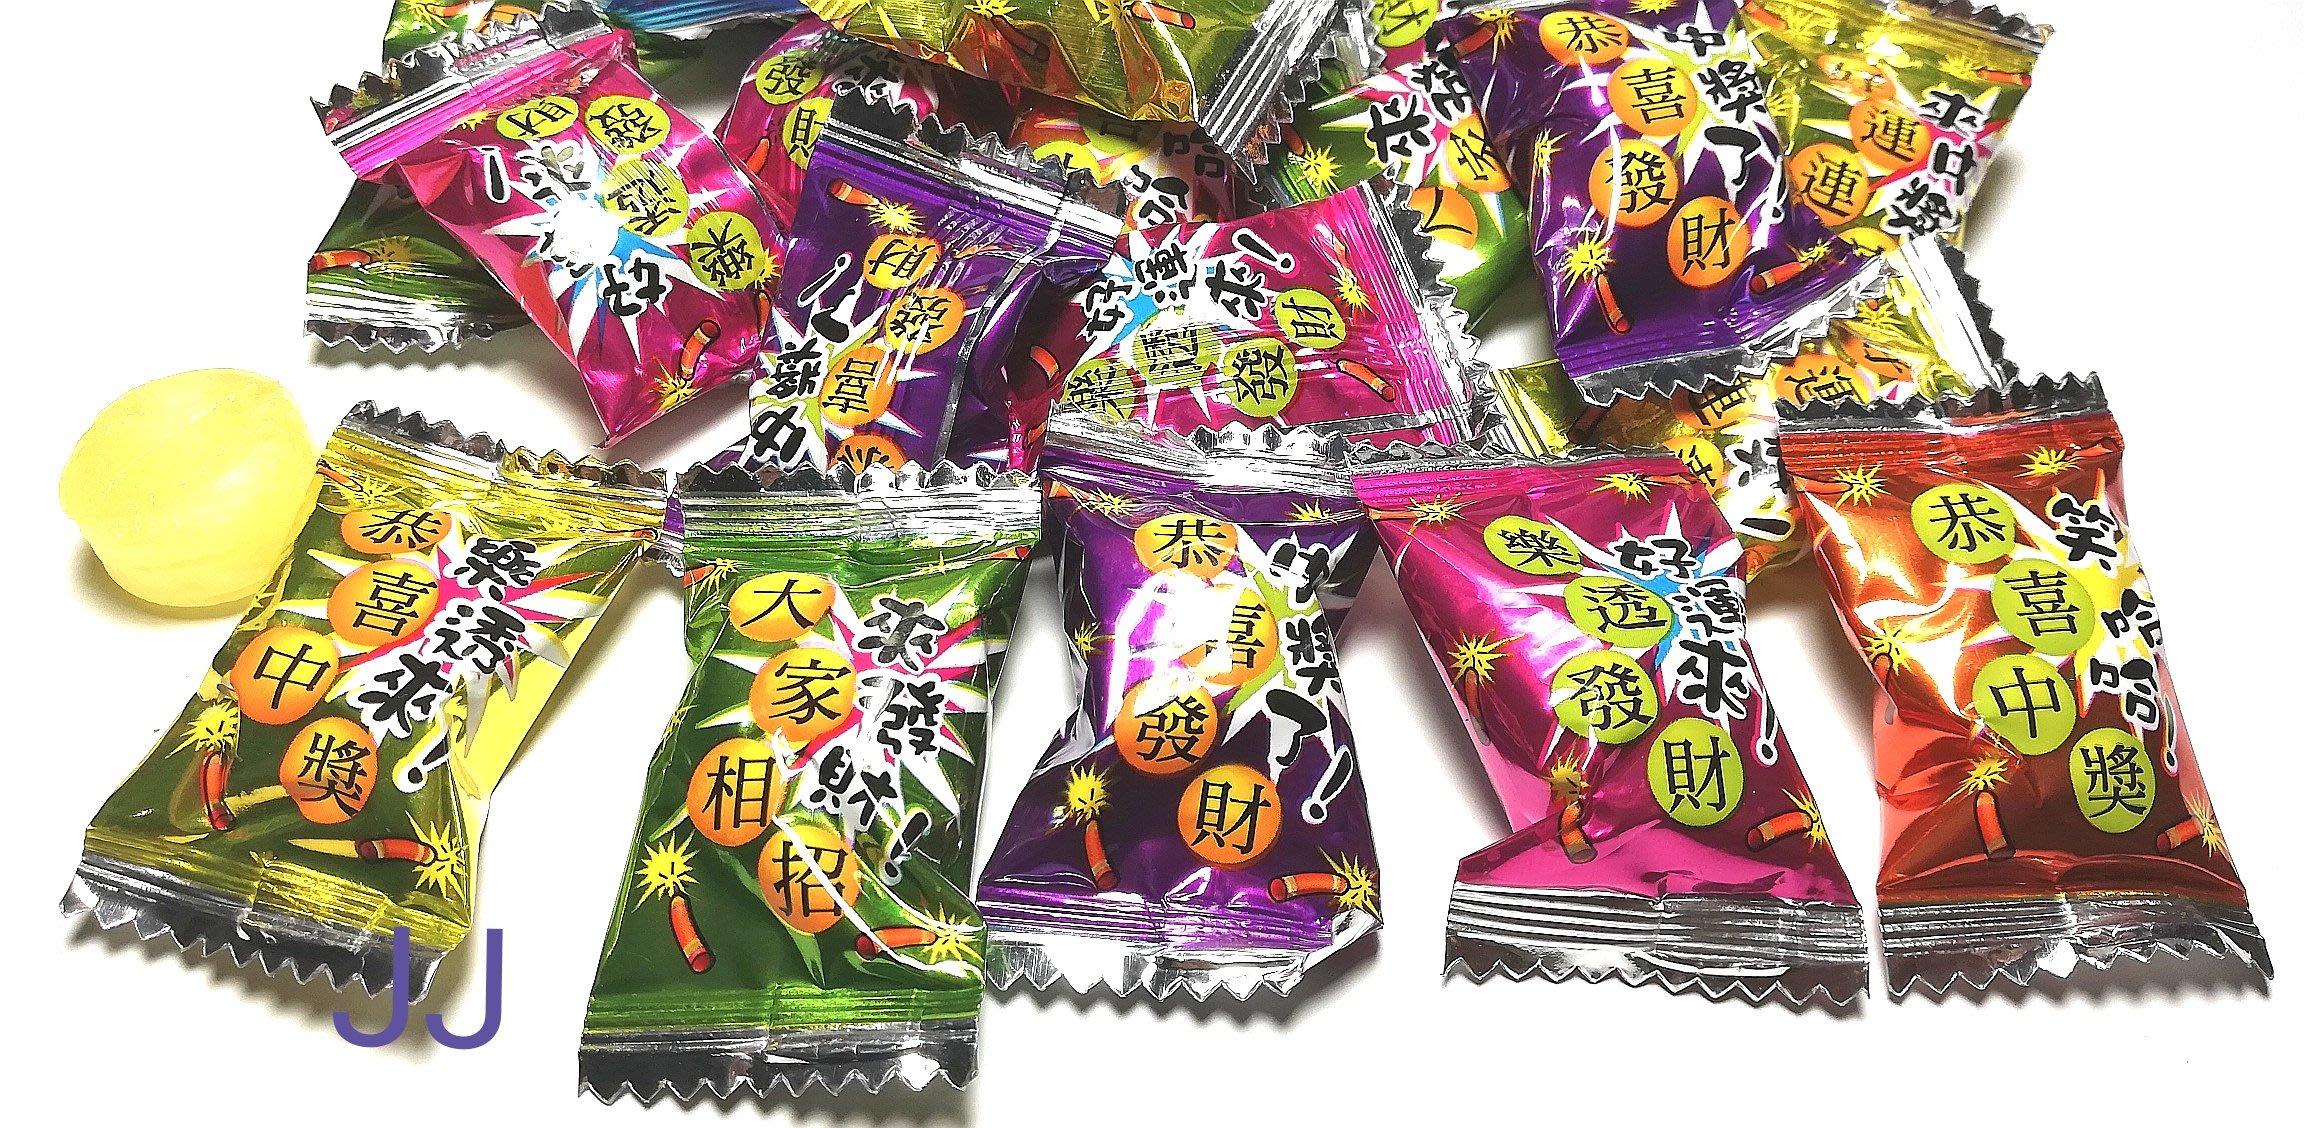 發財水果風味硬糖-喜慶糖-單顆包-台灣製造-1公斤裝-彩券 開市 新春 拜拜-糖果團購